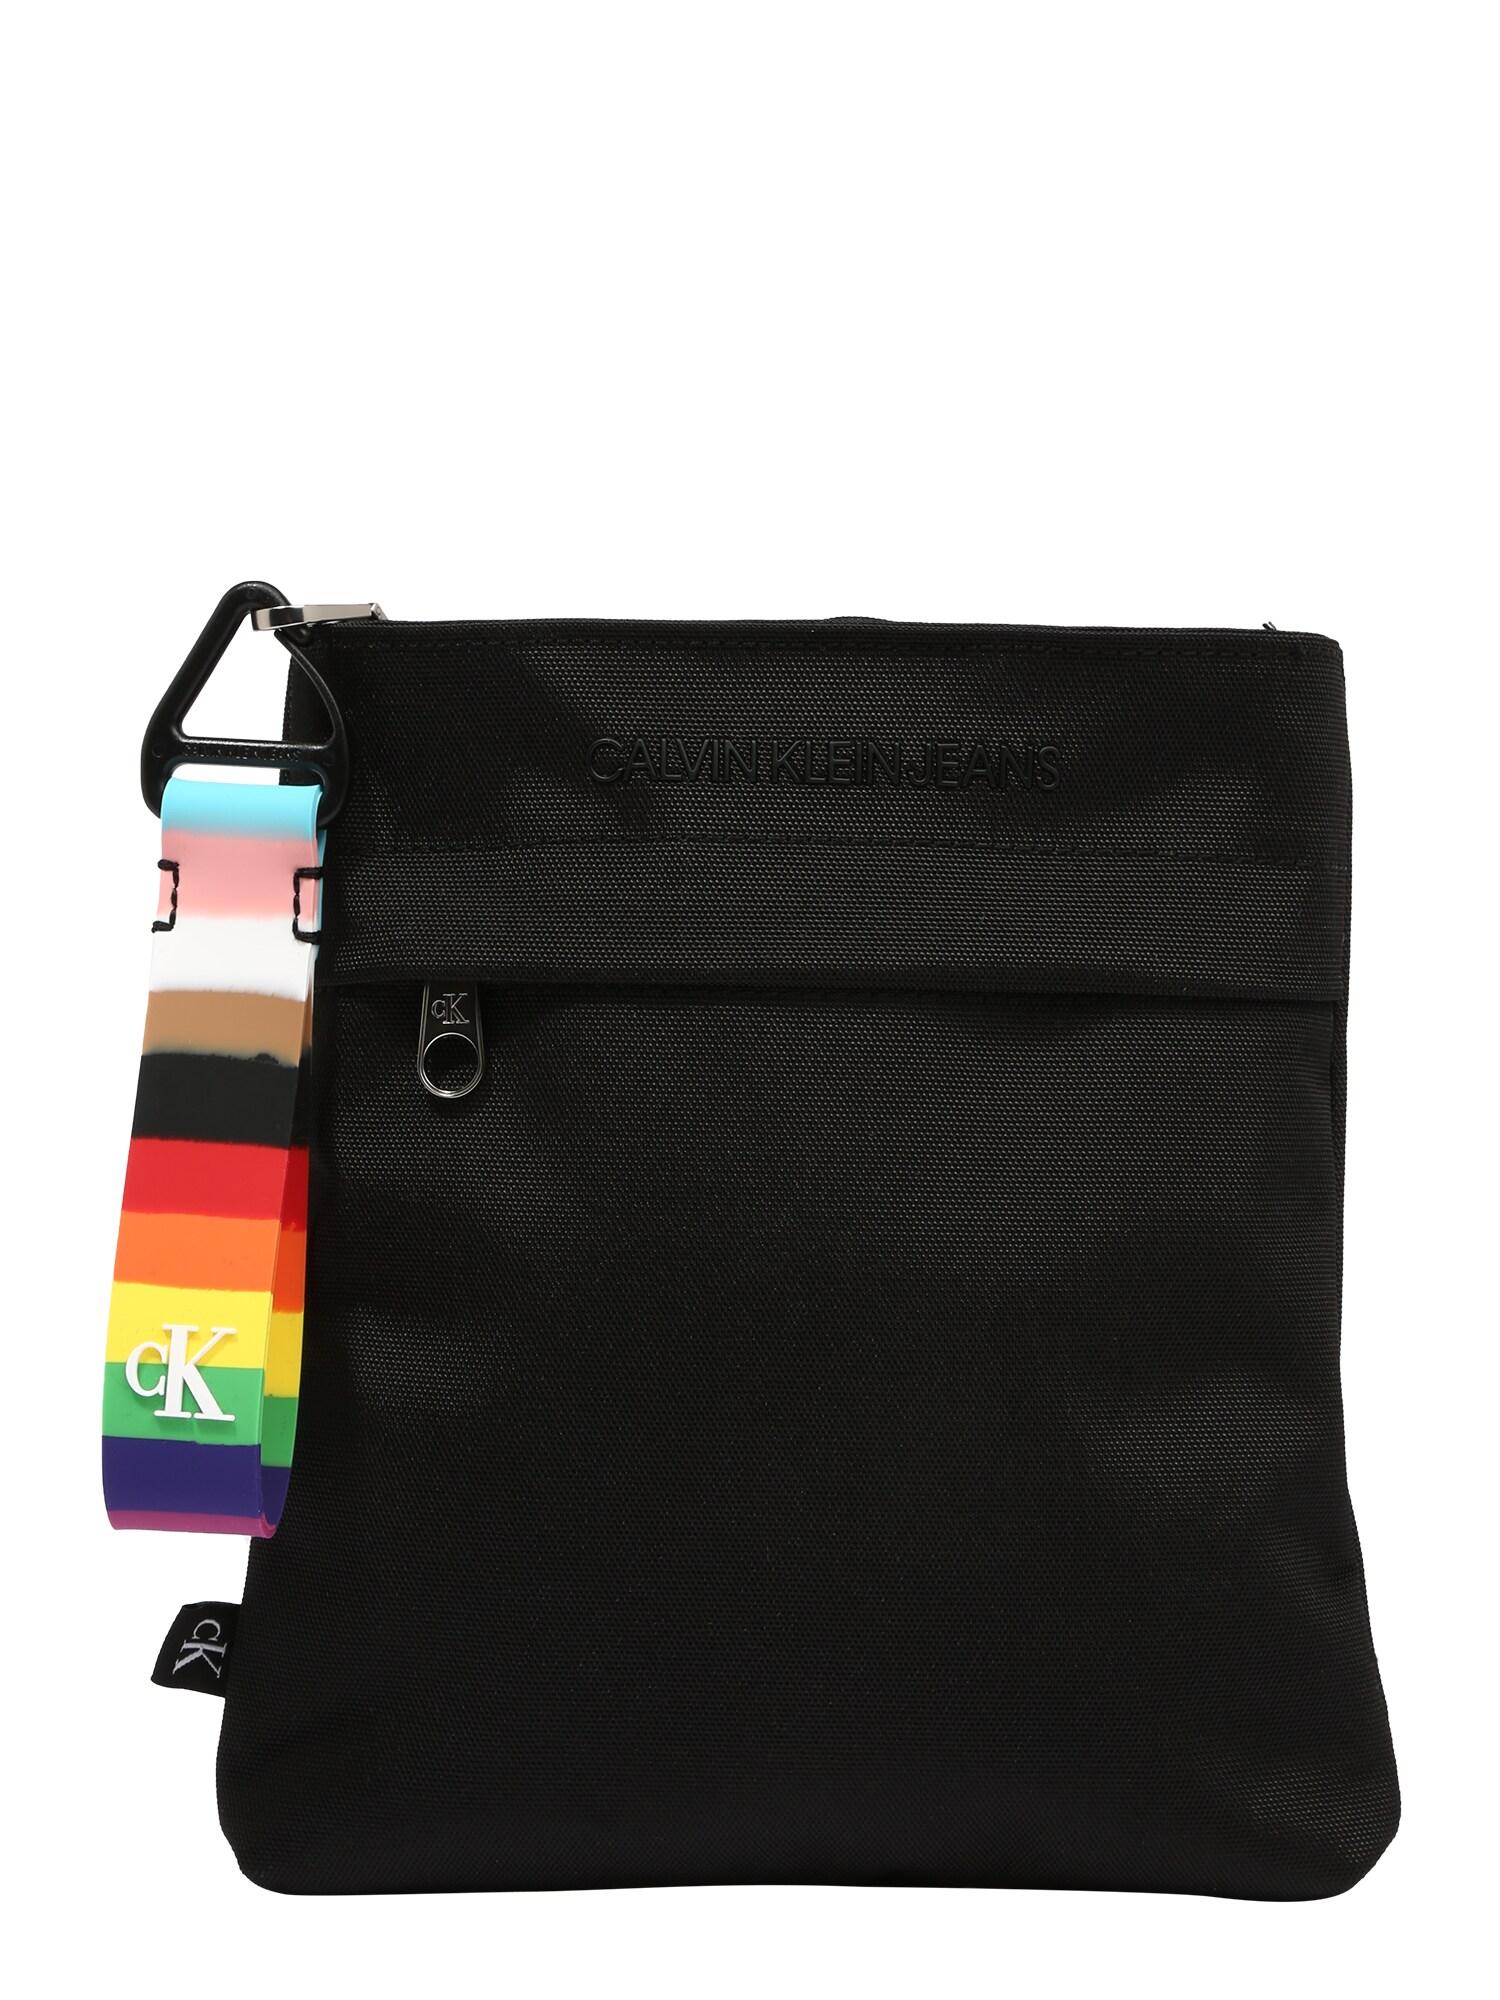 Calvin Klein Jeans Rankinė su ilgu dirželiu 'PRIDE' juoda / mišrios spalvos